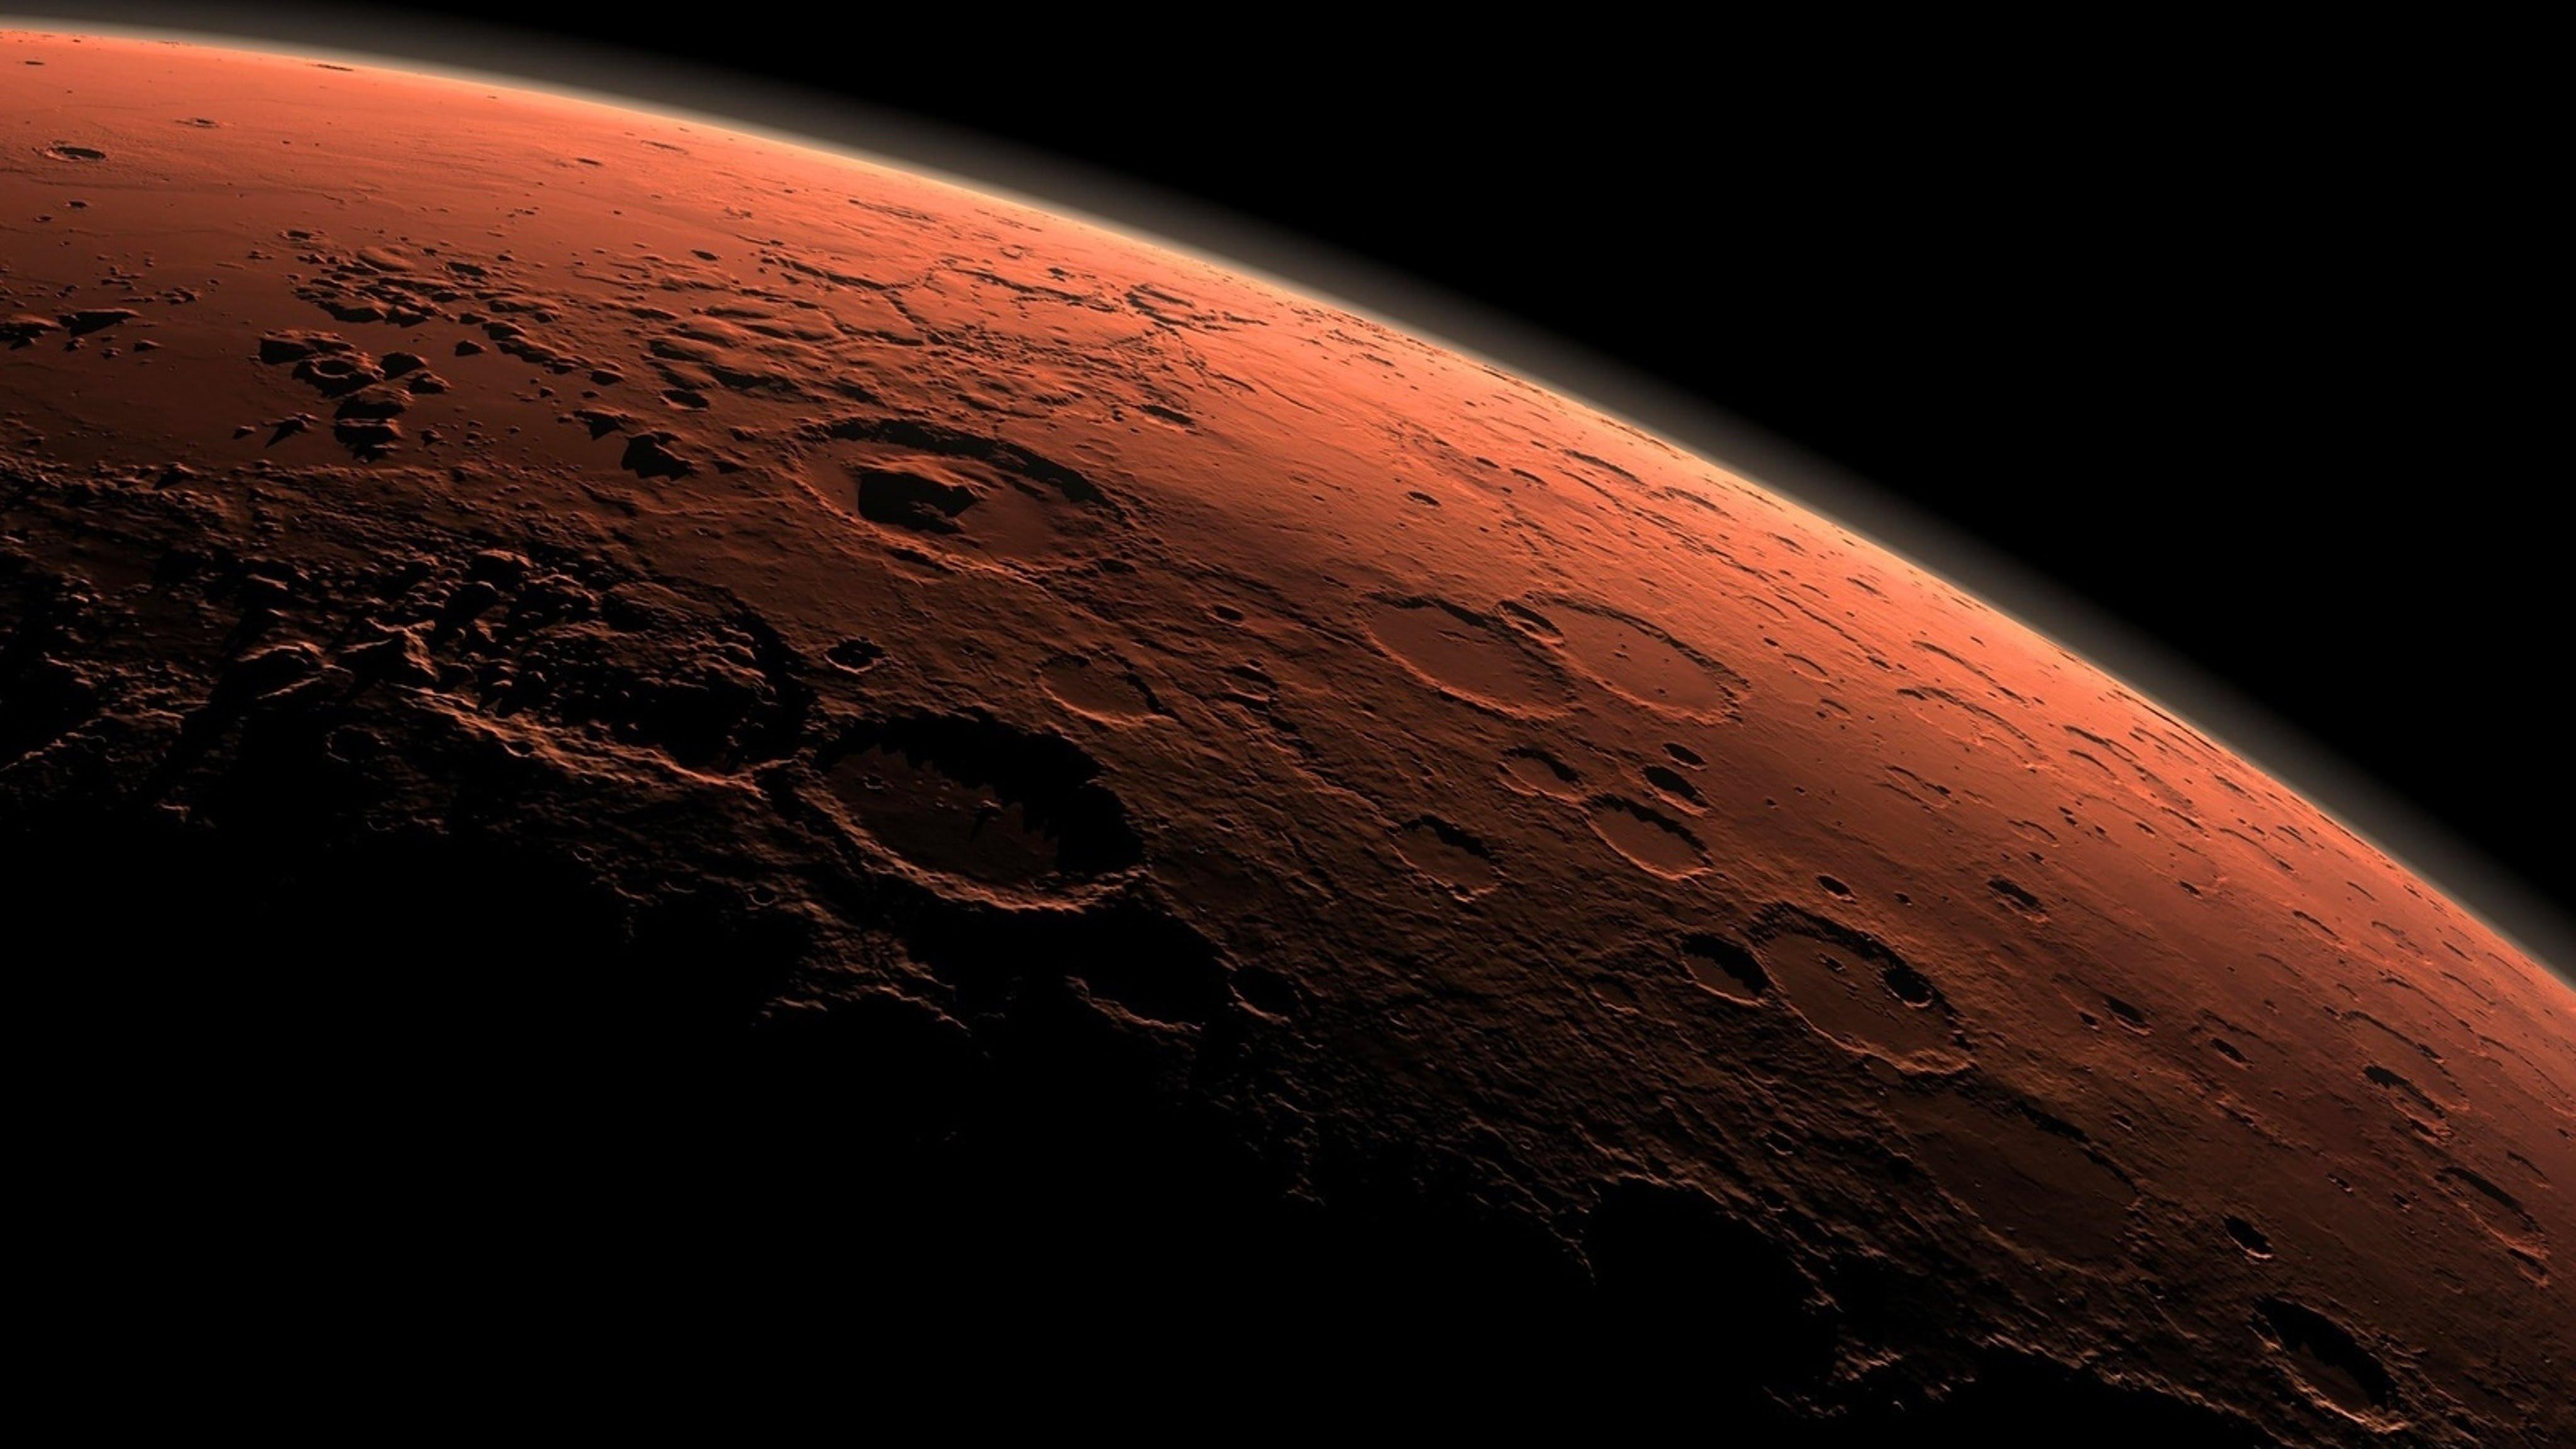 Русский прибор будет искать воду наповерхности Марса